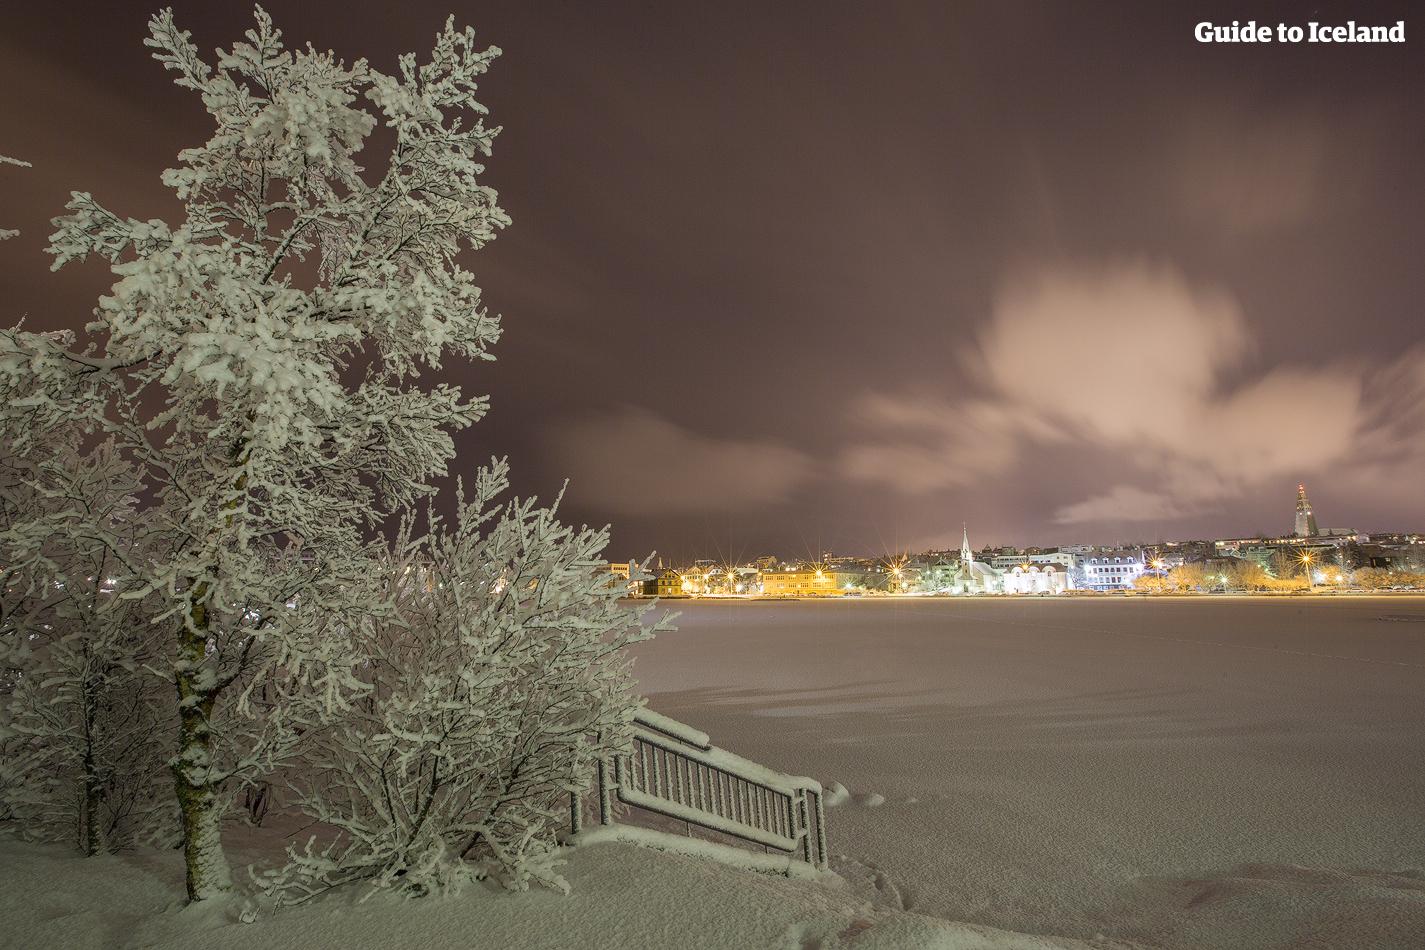 冬季的雷克雅未克就像是一个冬日乐园